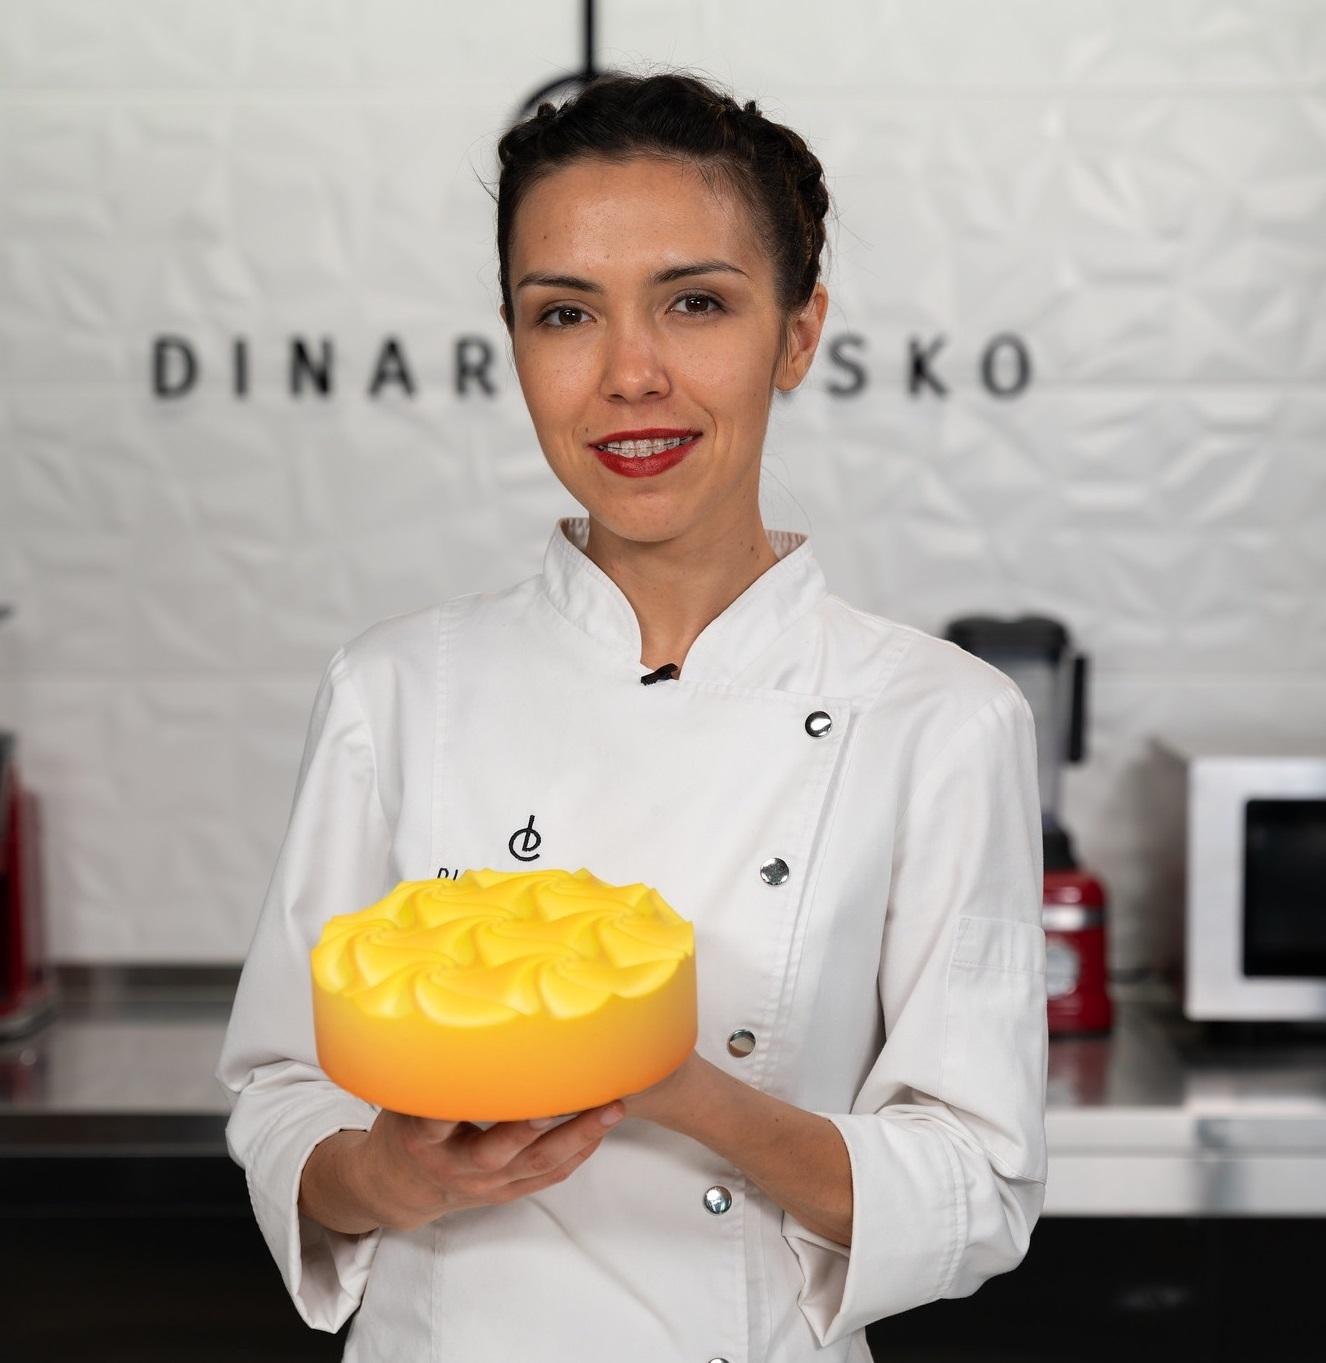 пирожные Облако с Динарой Касько